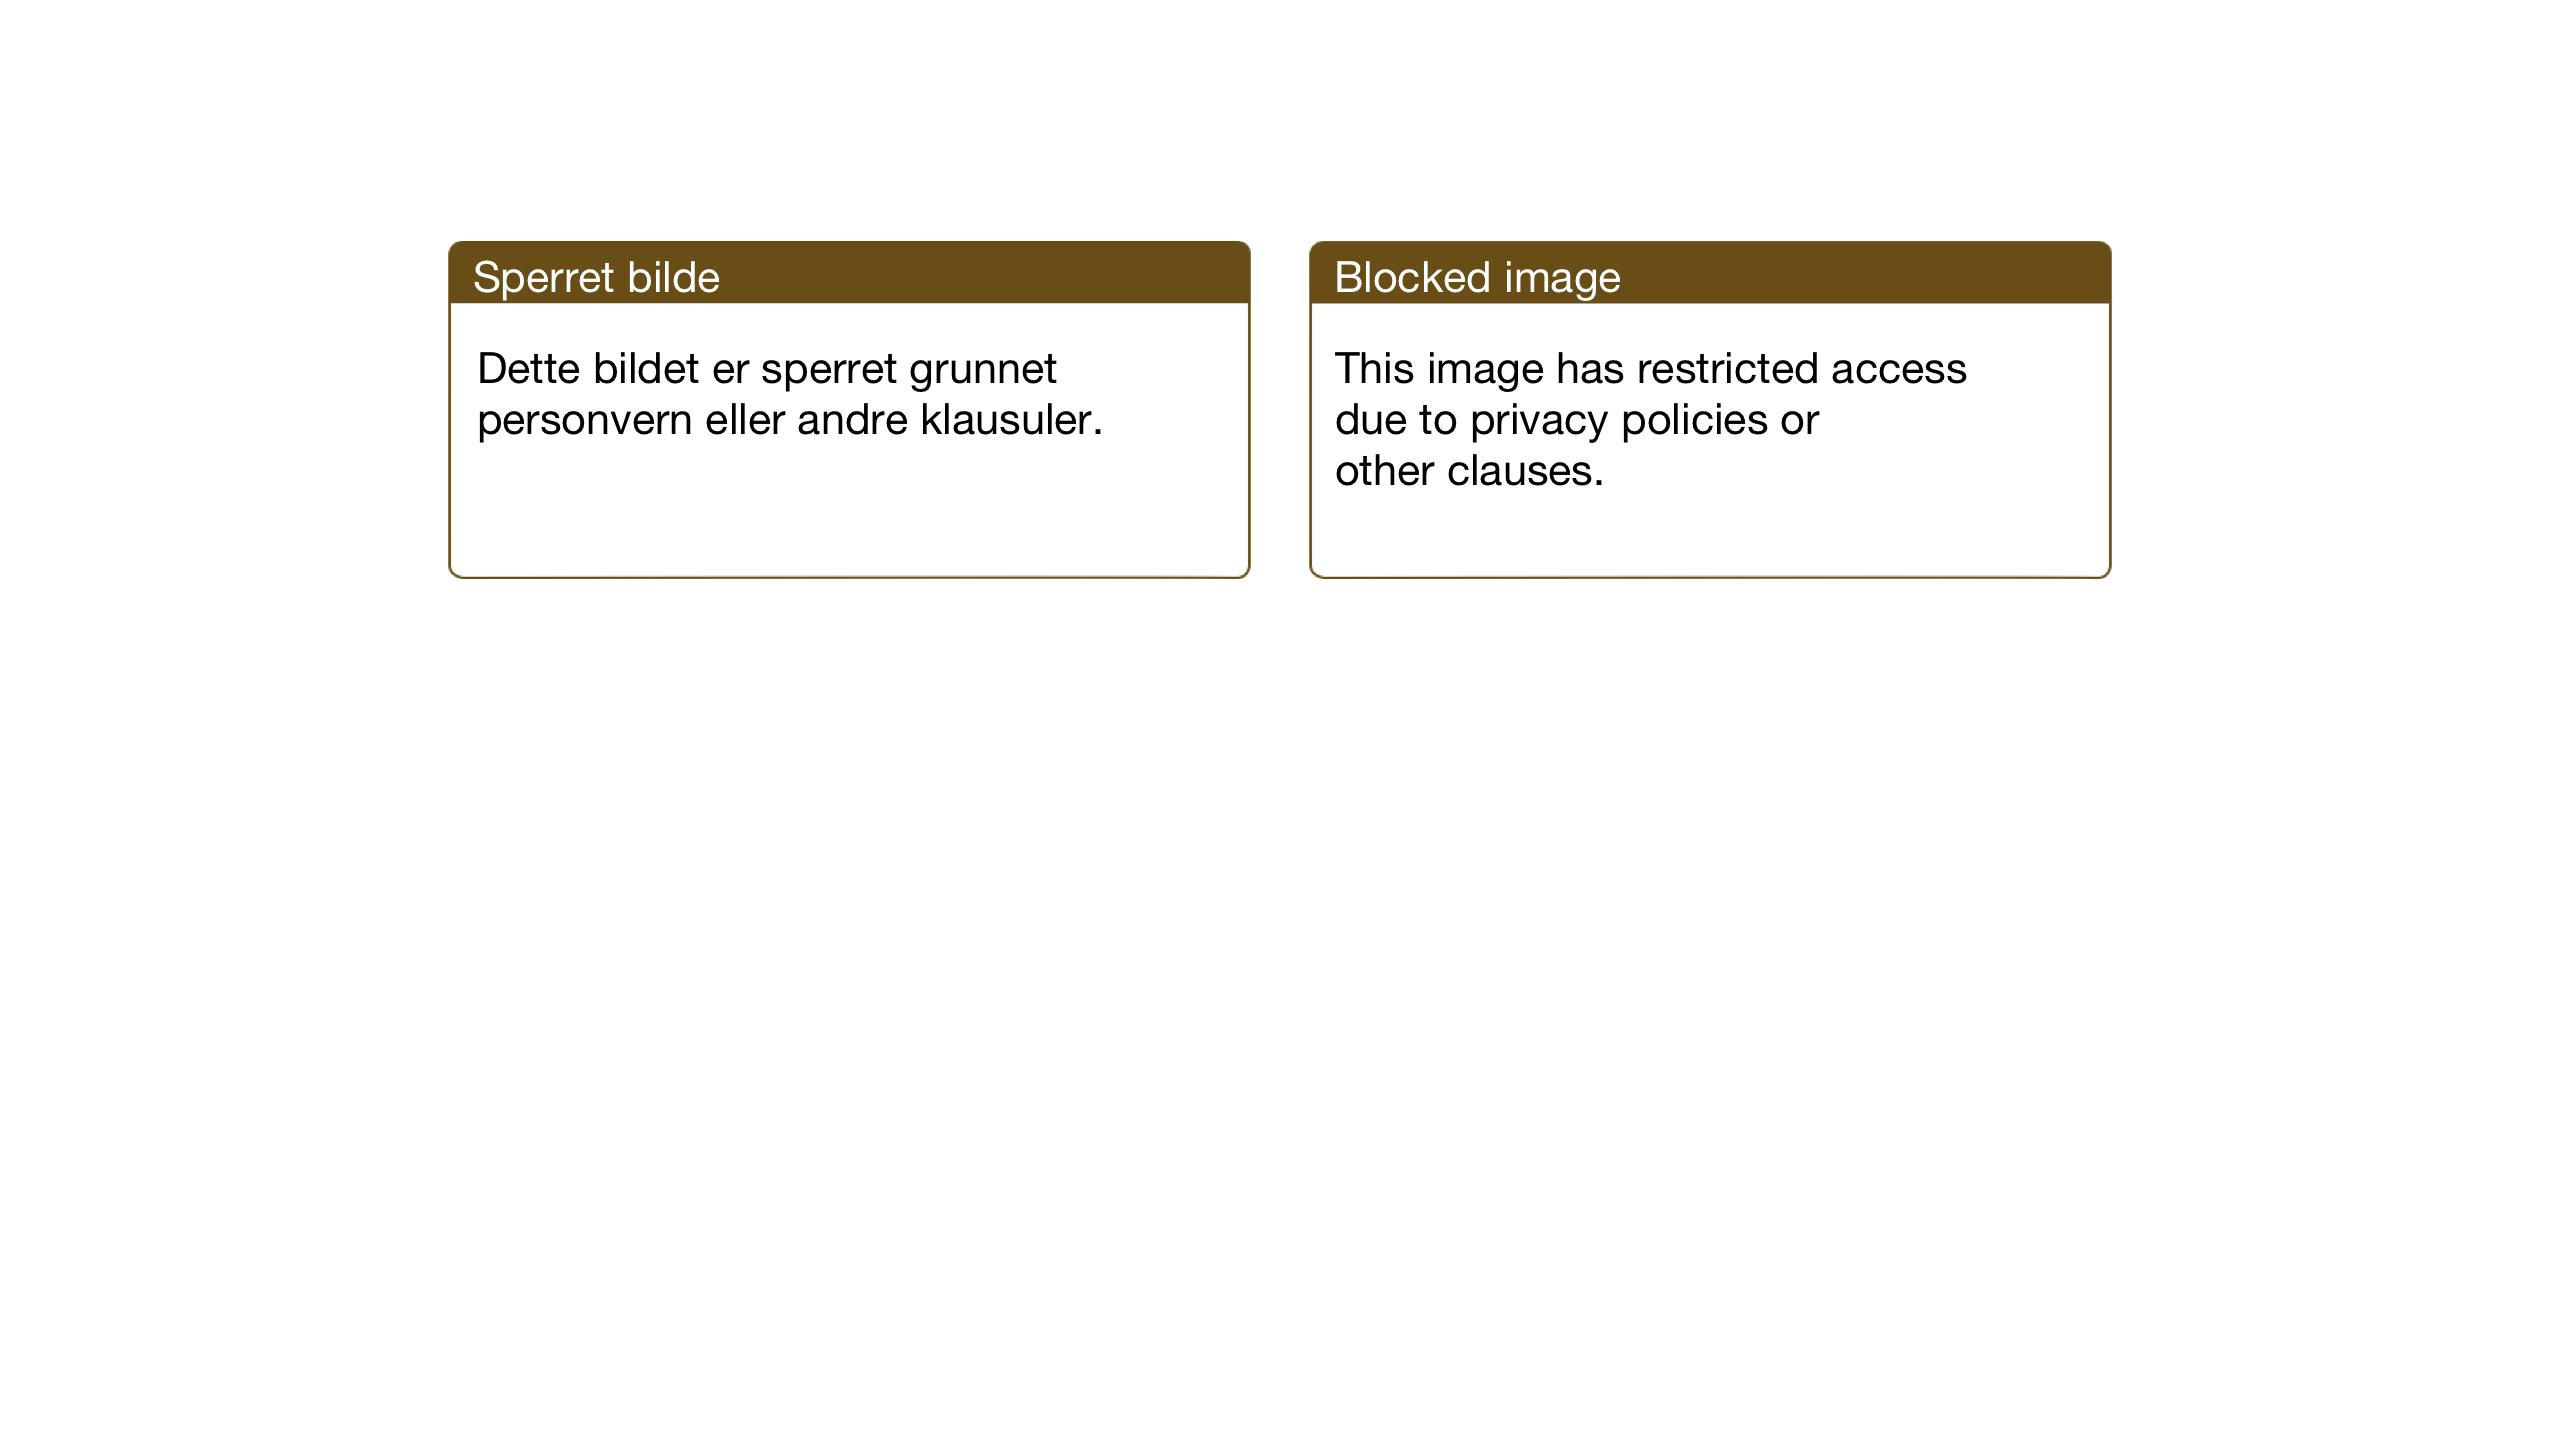 SAT, Ministerialprotokoller, klokkerbøker og fødselsregistre - Nord-Trøndelag, 770/L0591: Klokkerbok nr. 770C02, 1902-1940, s. 70